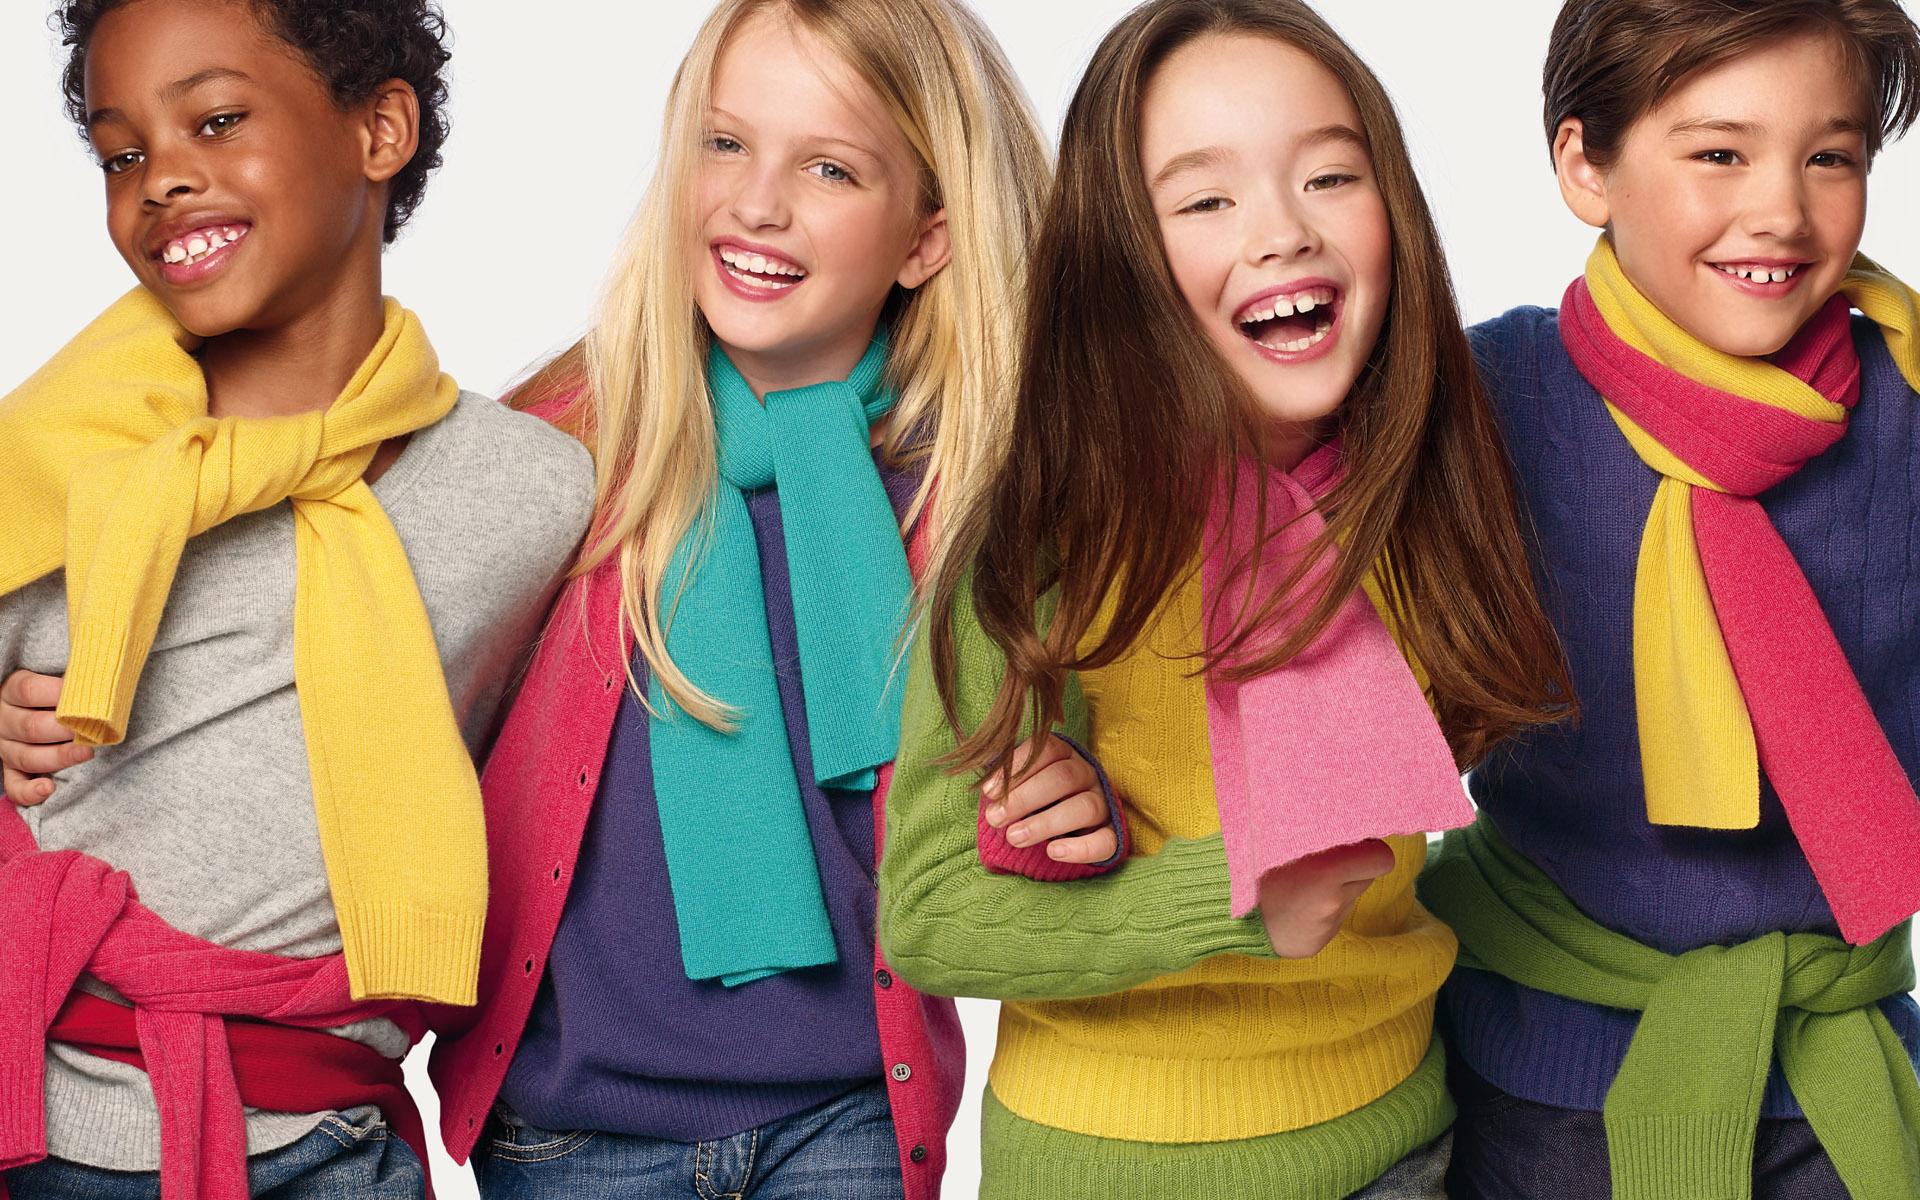 اسعار ملابس الاطفال في الجزائر